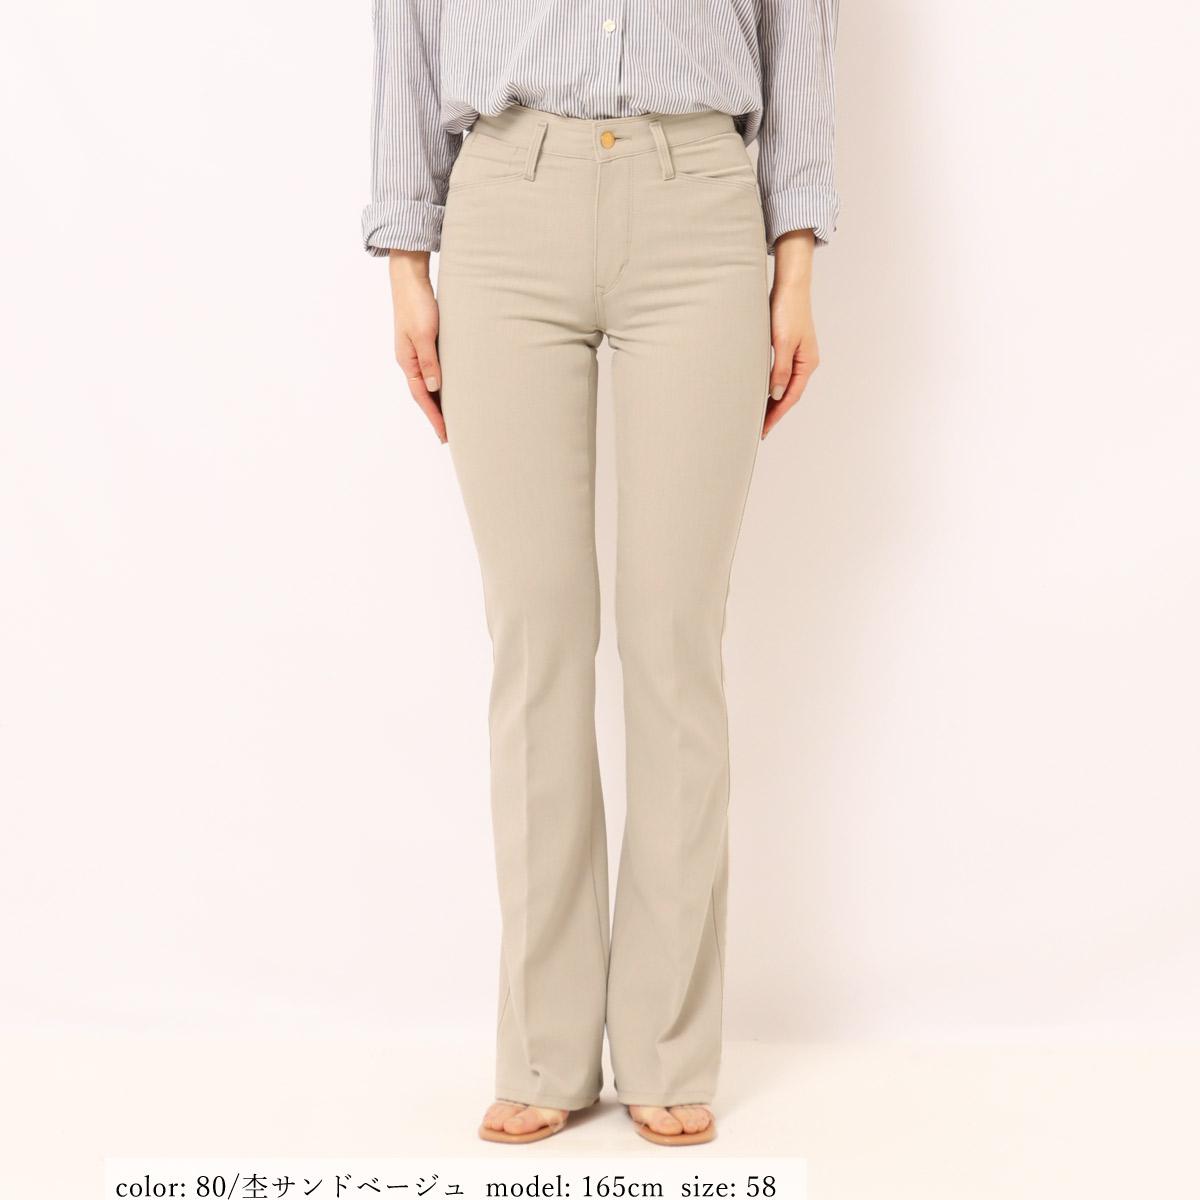 【SALE】Mrs.Jeana GOLD タテヨコストレッチブーツカット GM3253